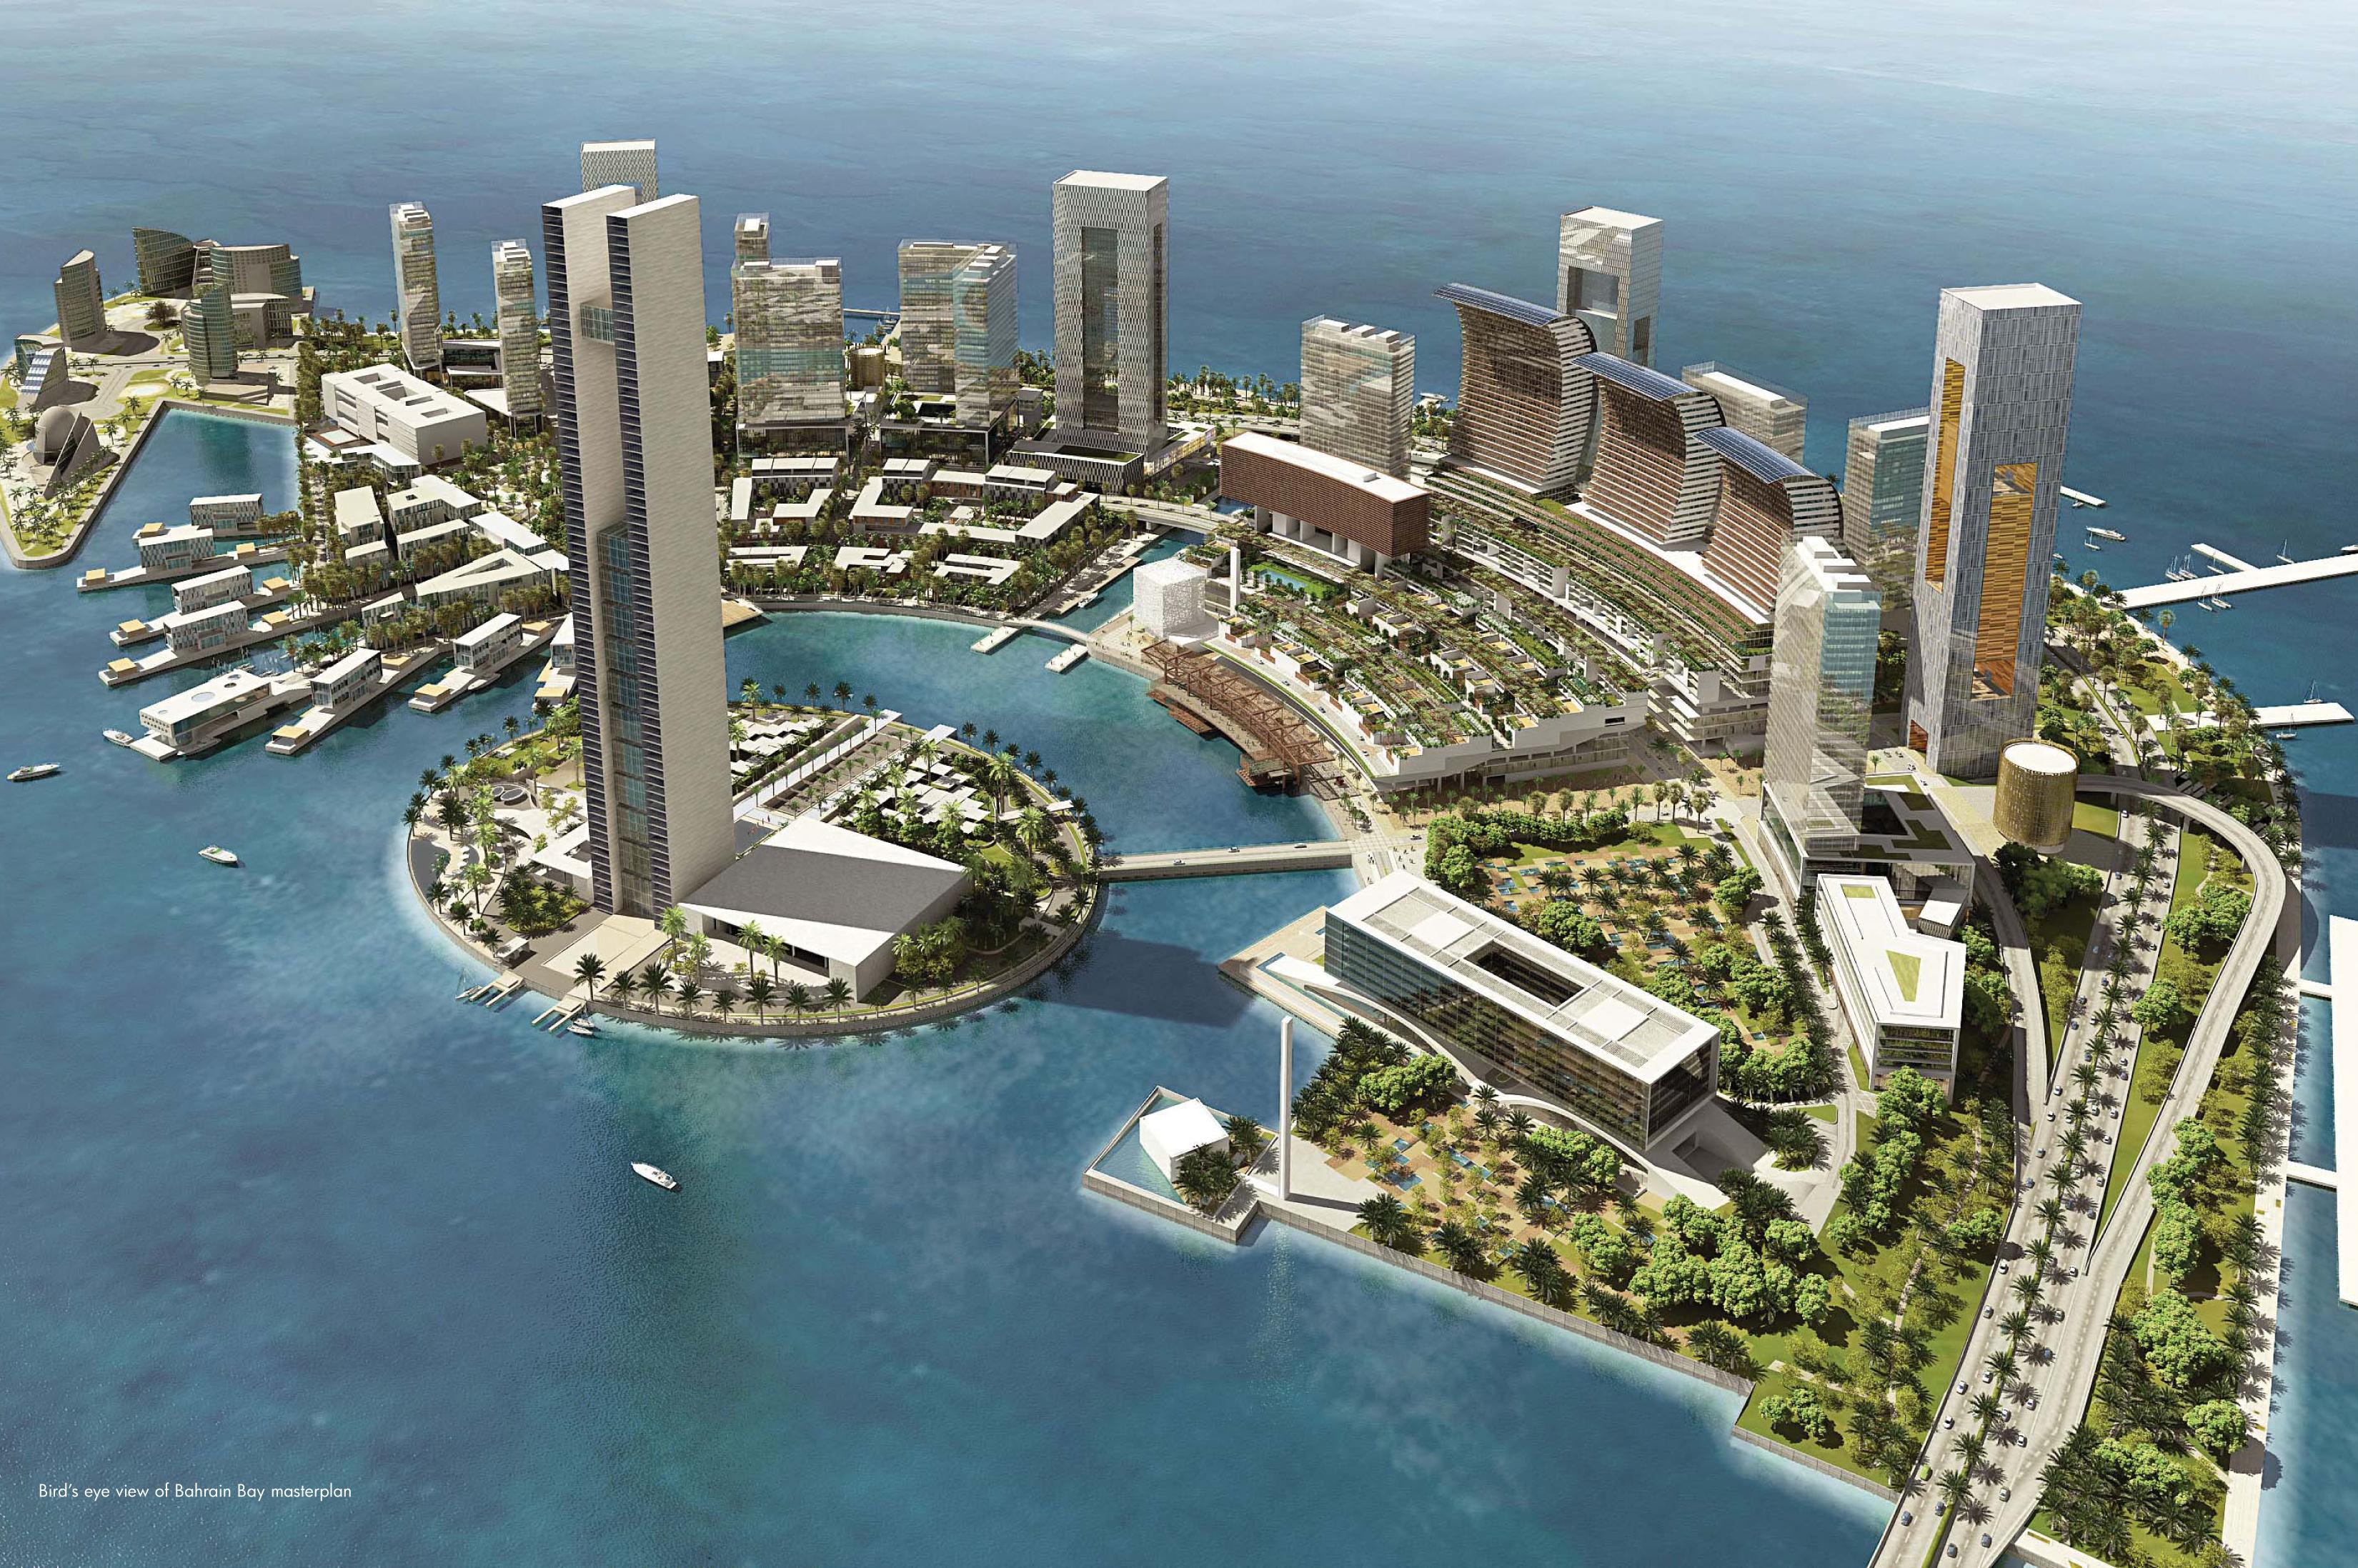 Raffles City Bahrain Bay